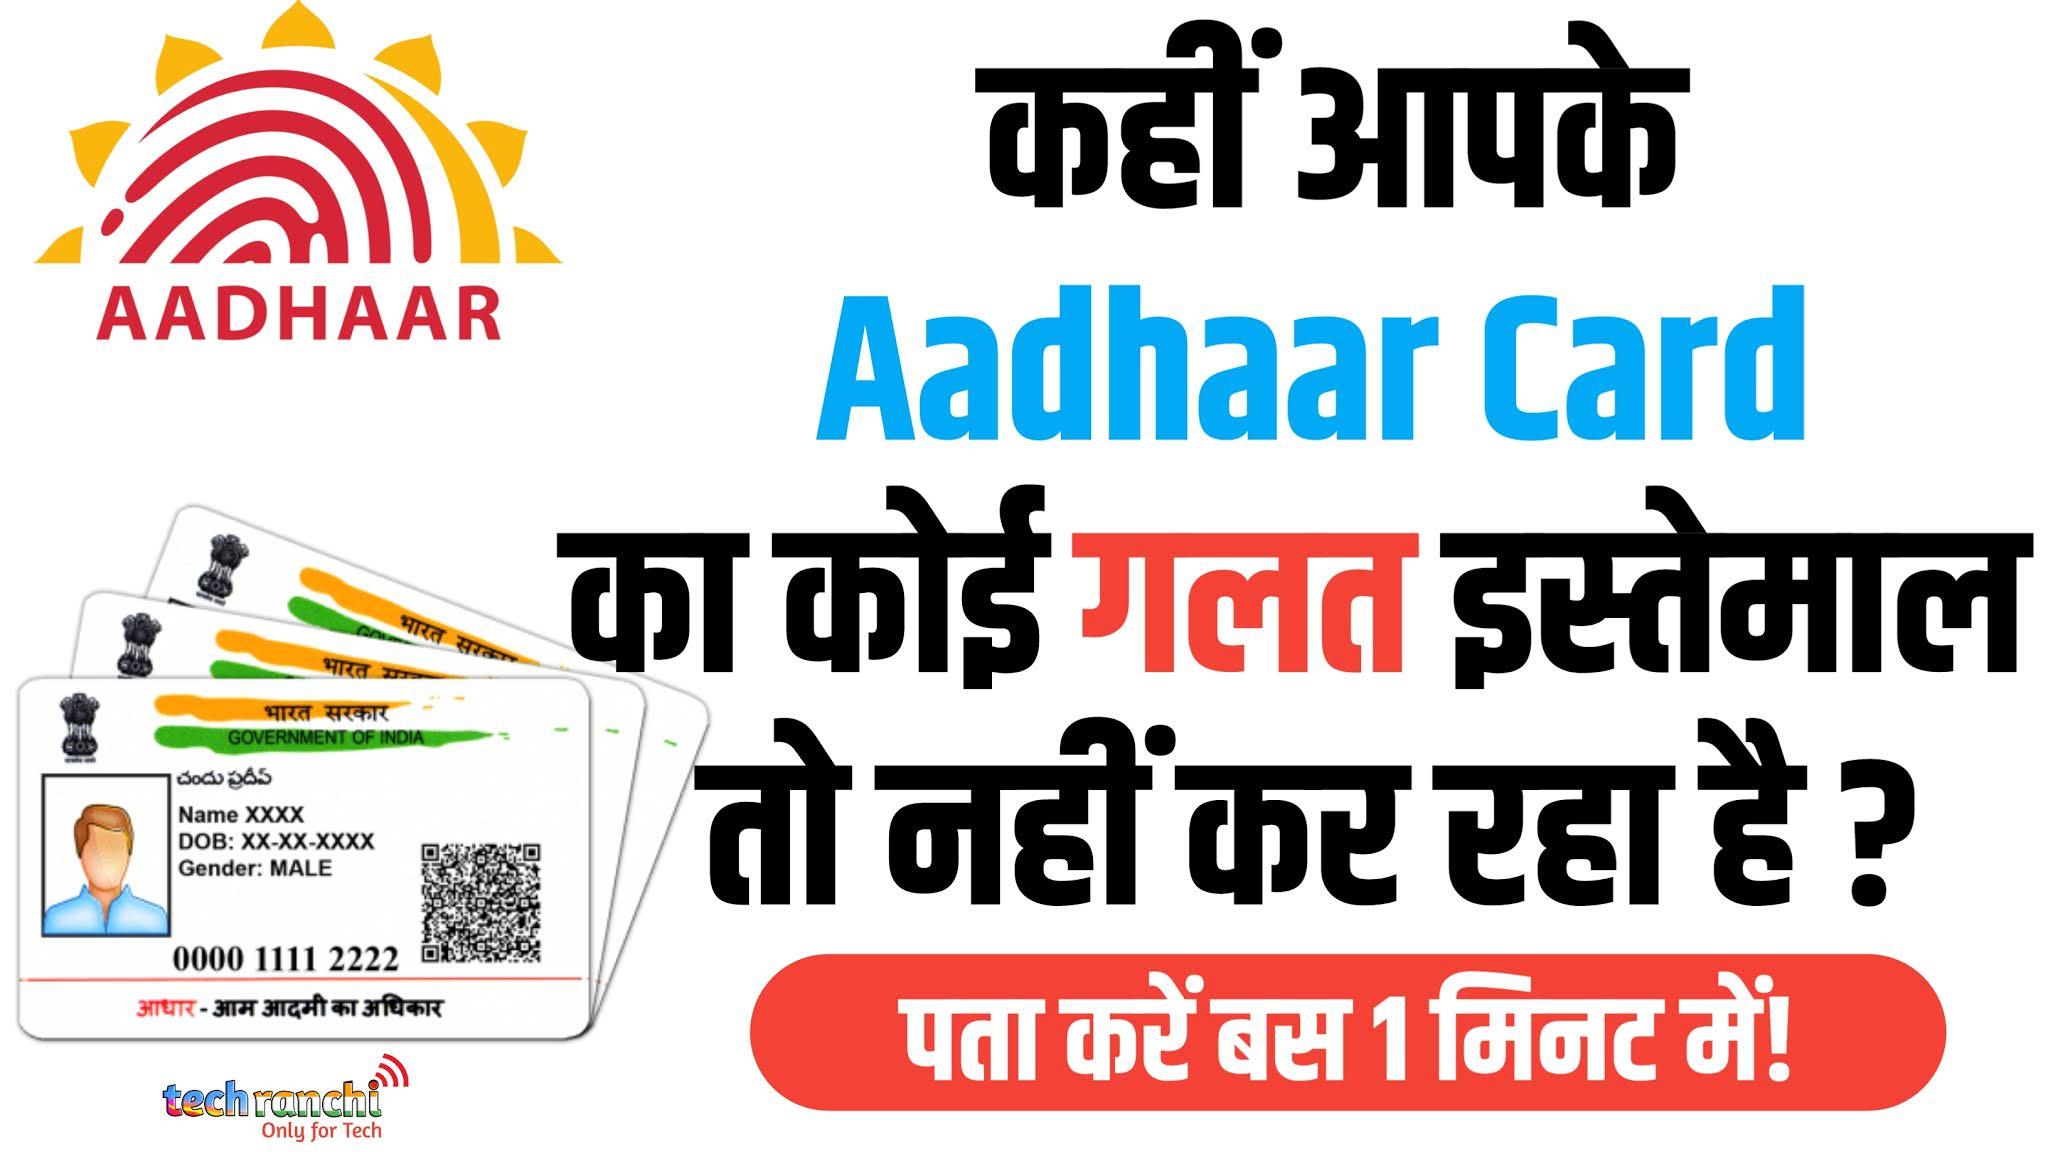 Aadhaar Card Ke Galat Use Ko Online Kaise Pata Kare | How To Check Online Aadhaar Card Authentication History